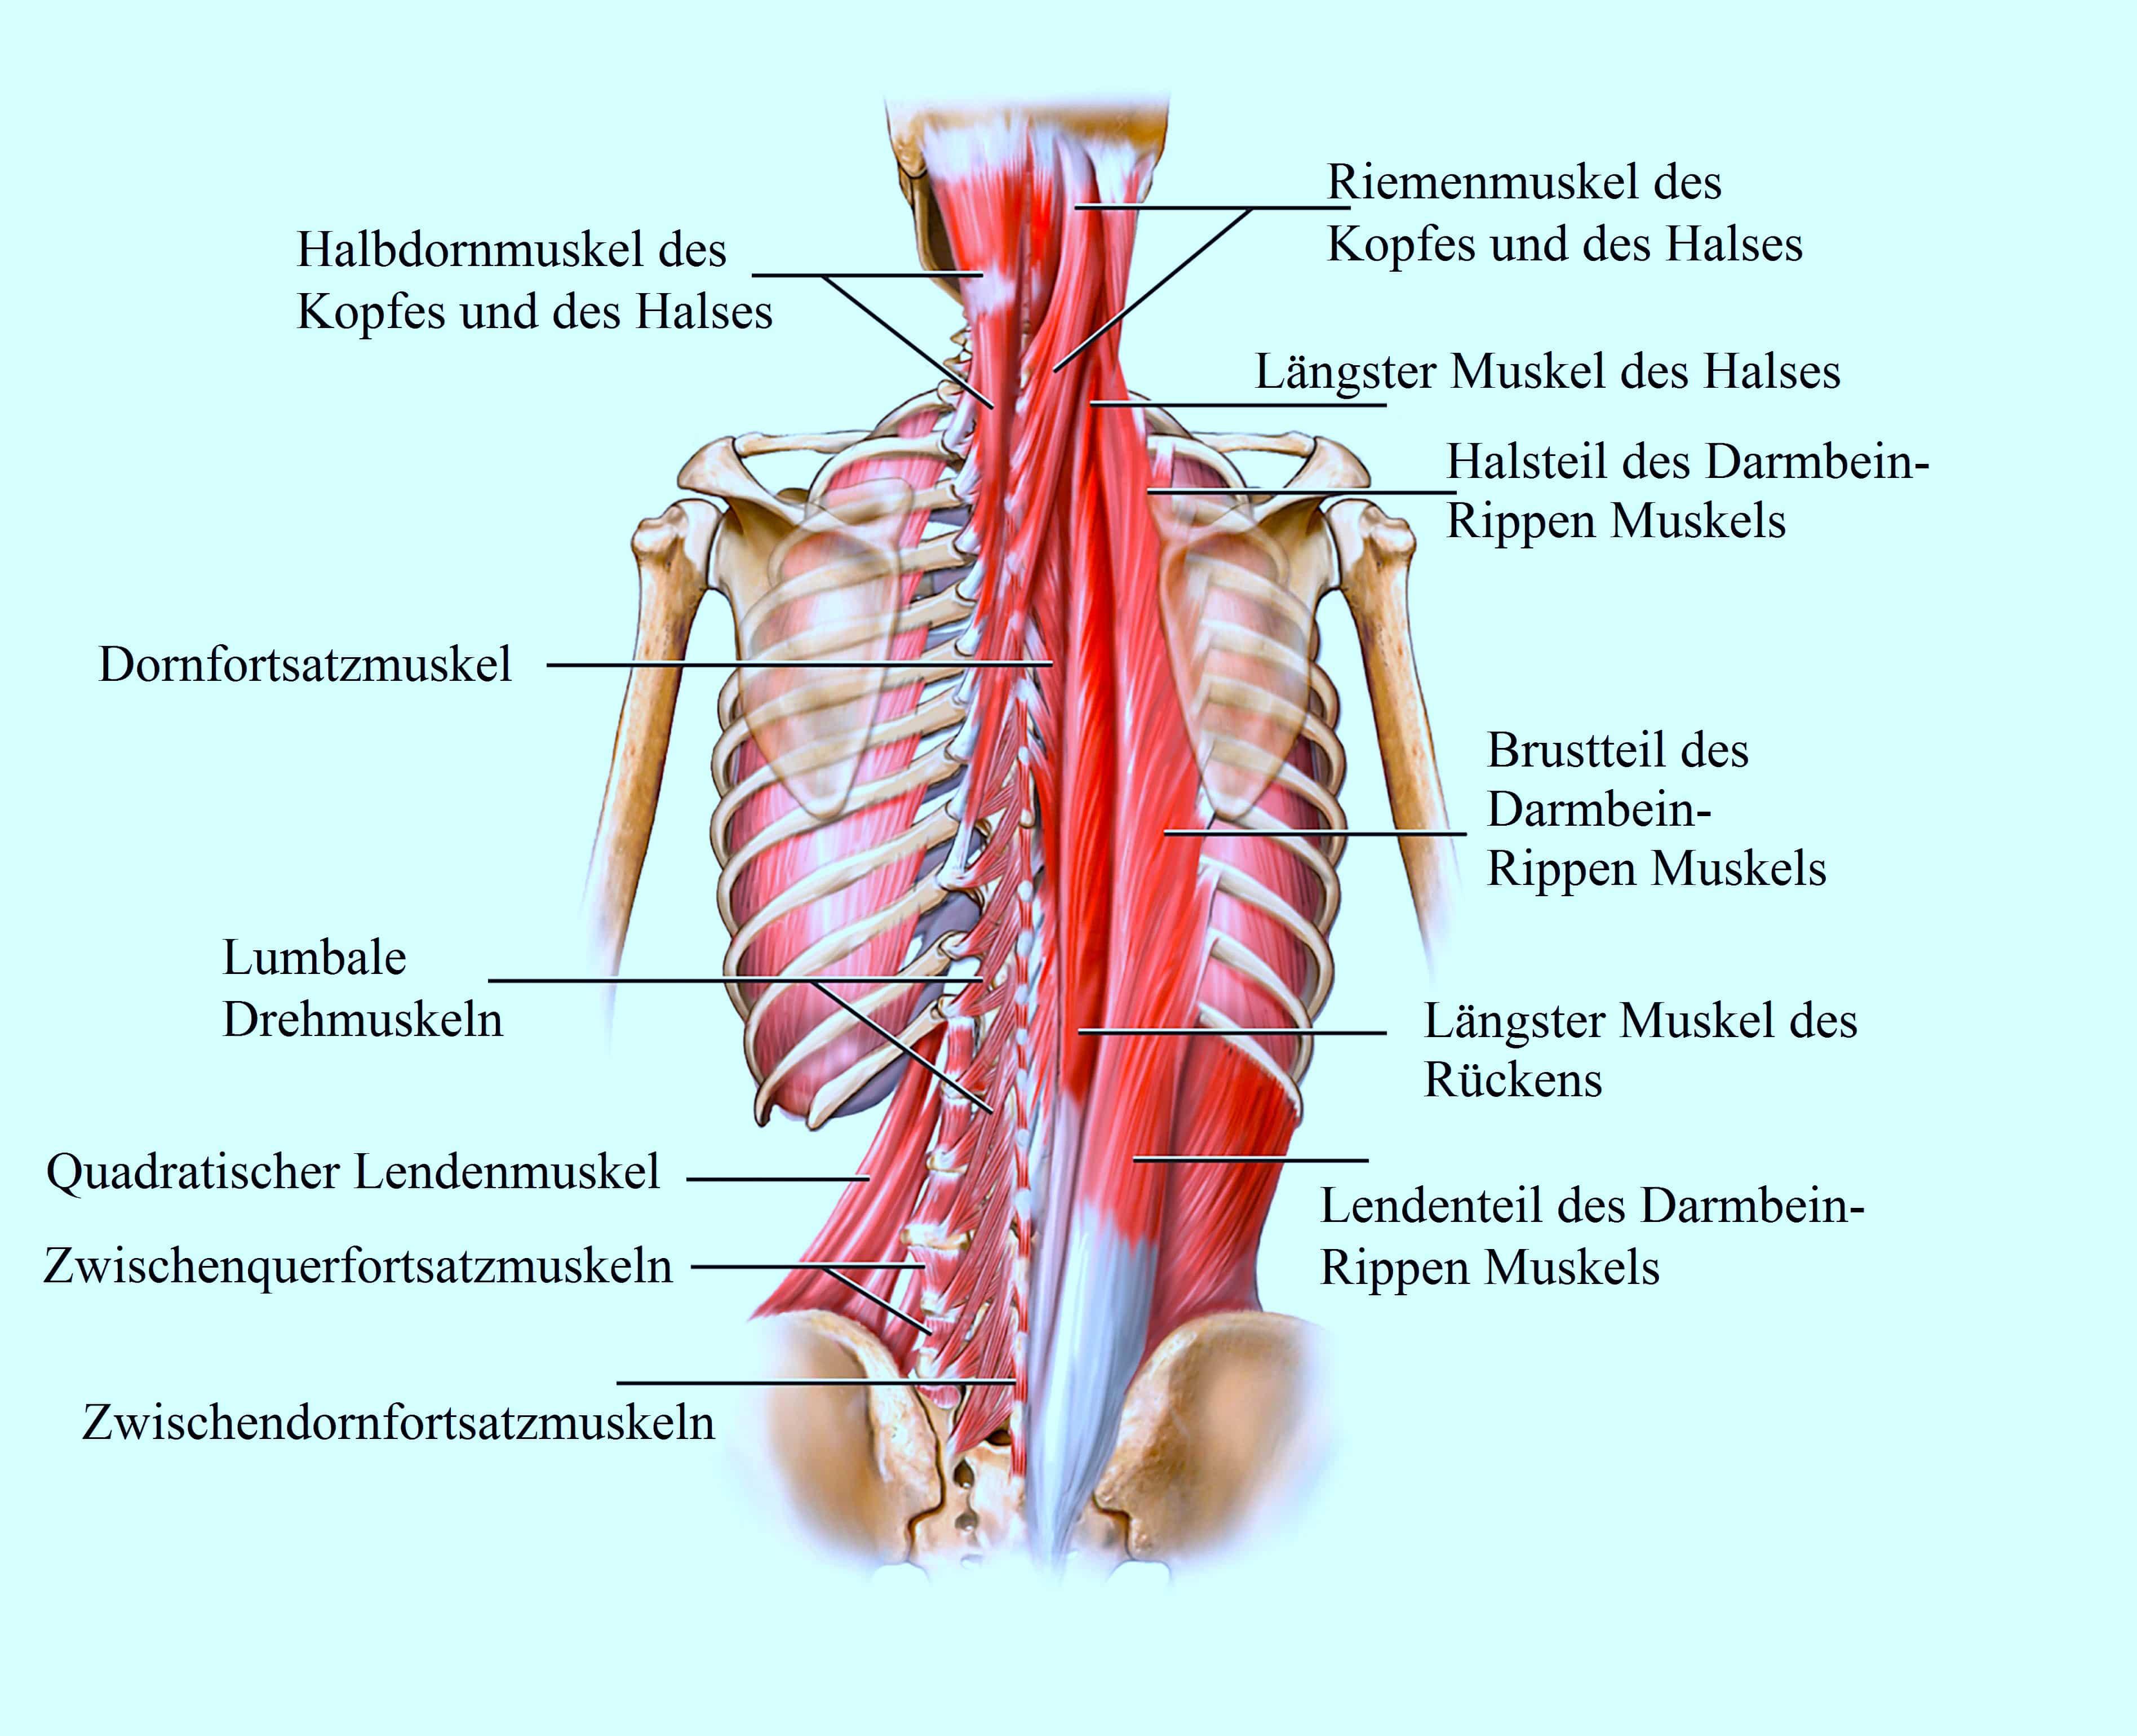 Wunderbar Brustmuskeln Anatomie Zeitgenössisch - Menschliche ...